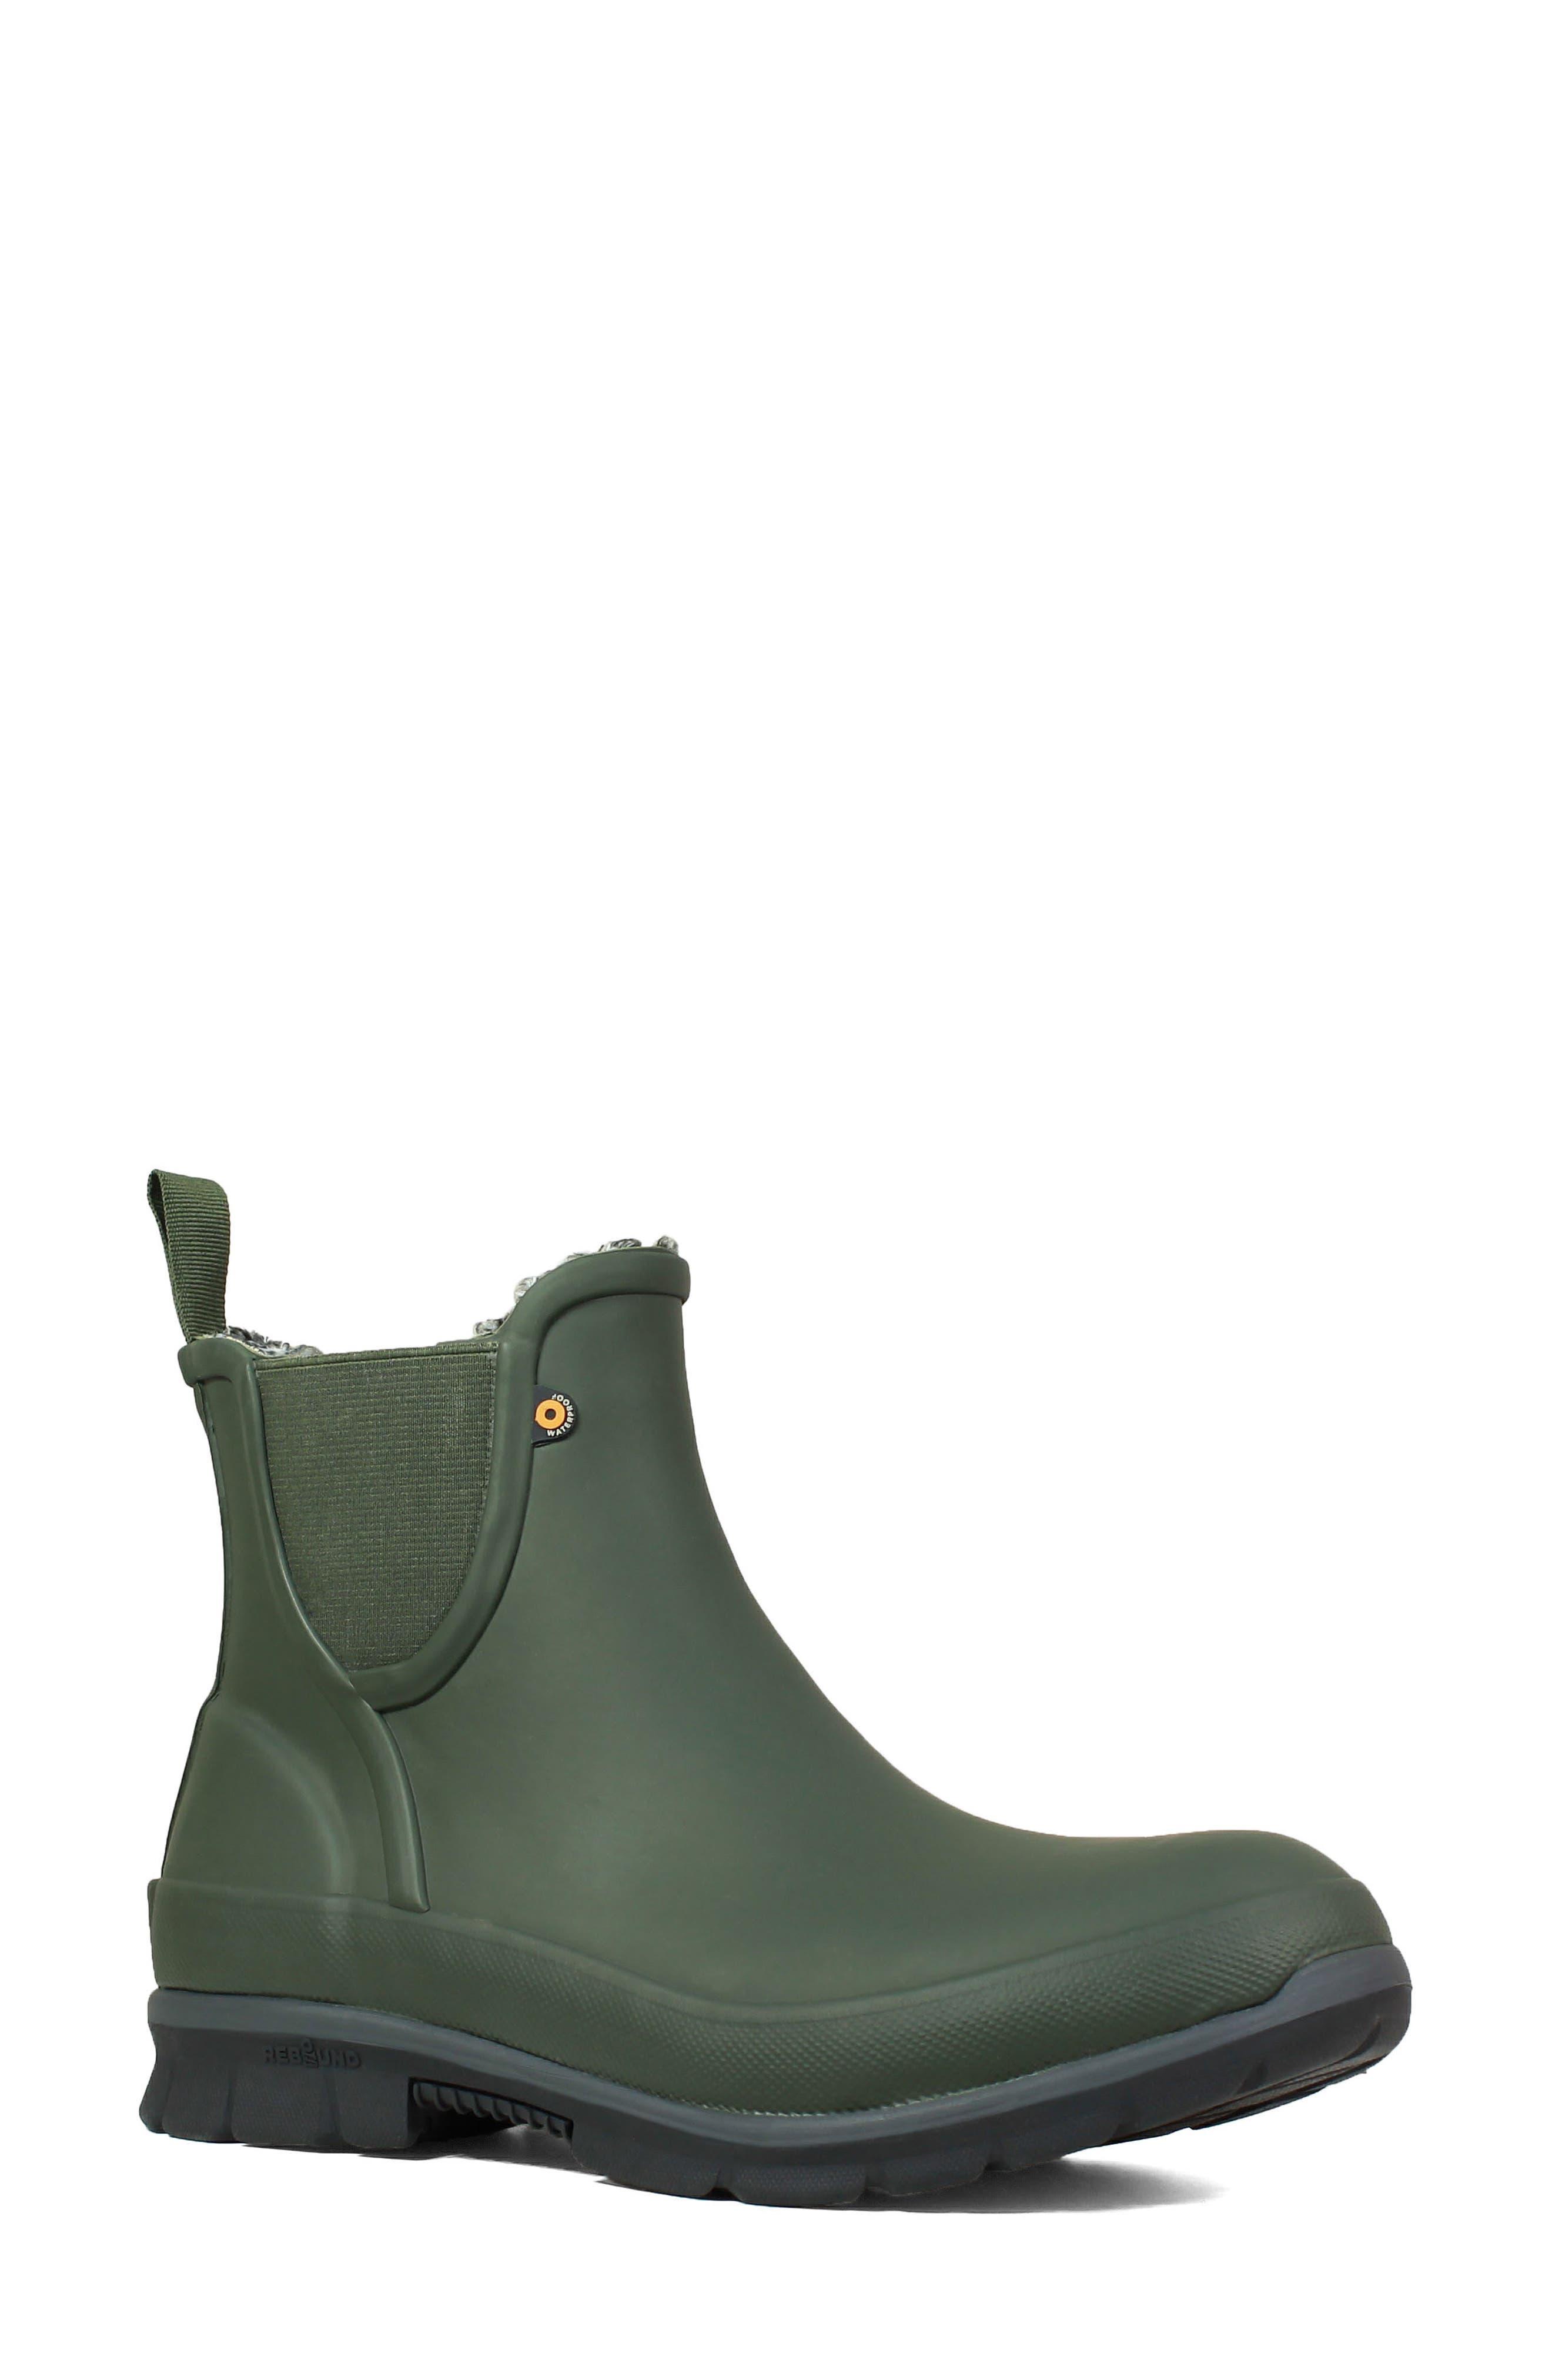 Amanda Plush Waterproof Slip-On Boot